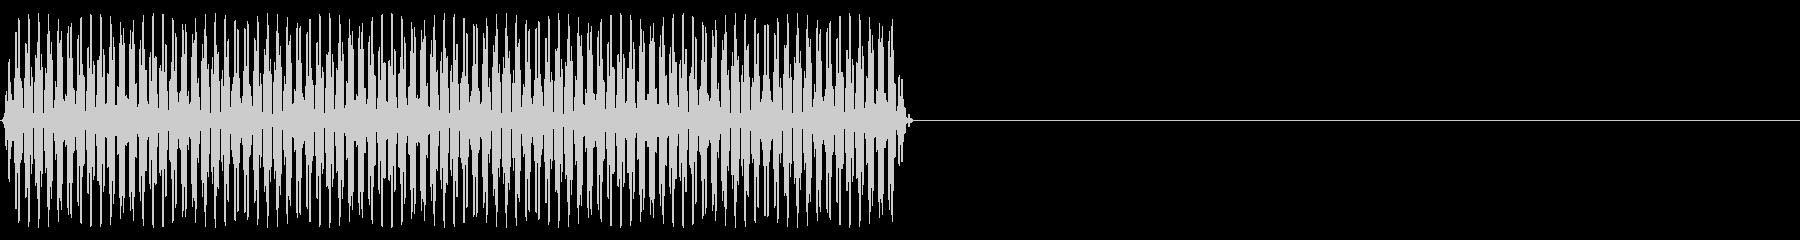 『ピッ』電話のプッシュ音(6)-単音の未再生の波形